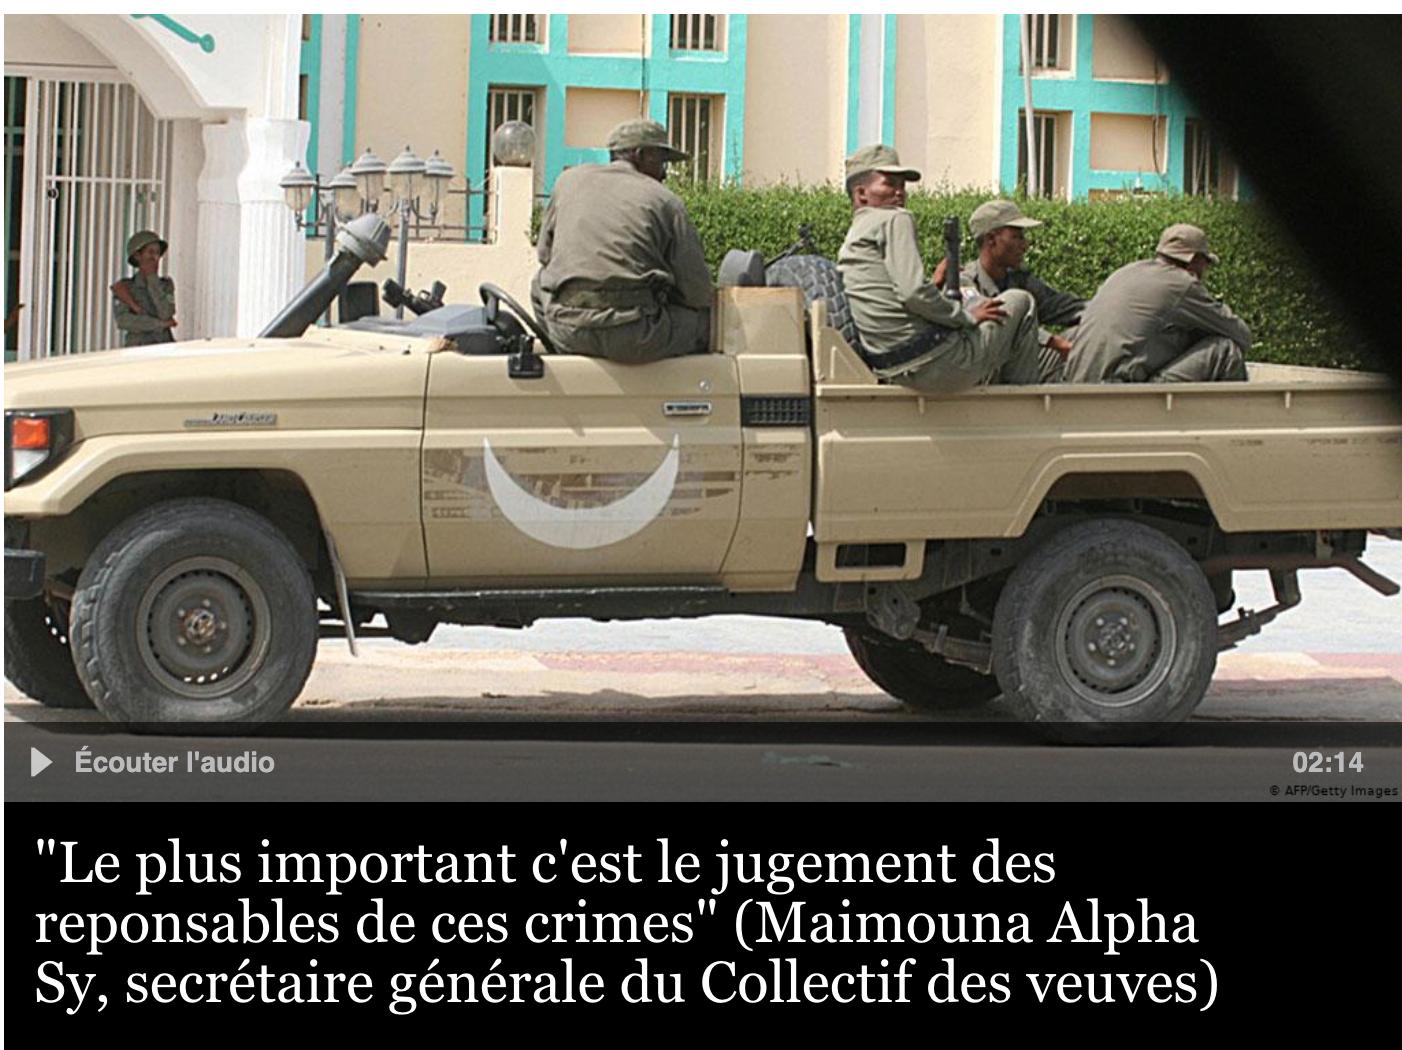 Mauritanie: les veuves du passif humanitaire de 1989 réclament toujours justice